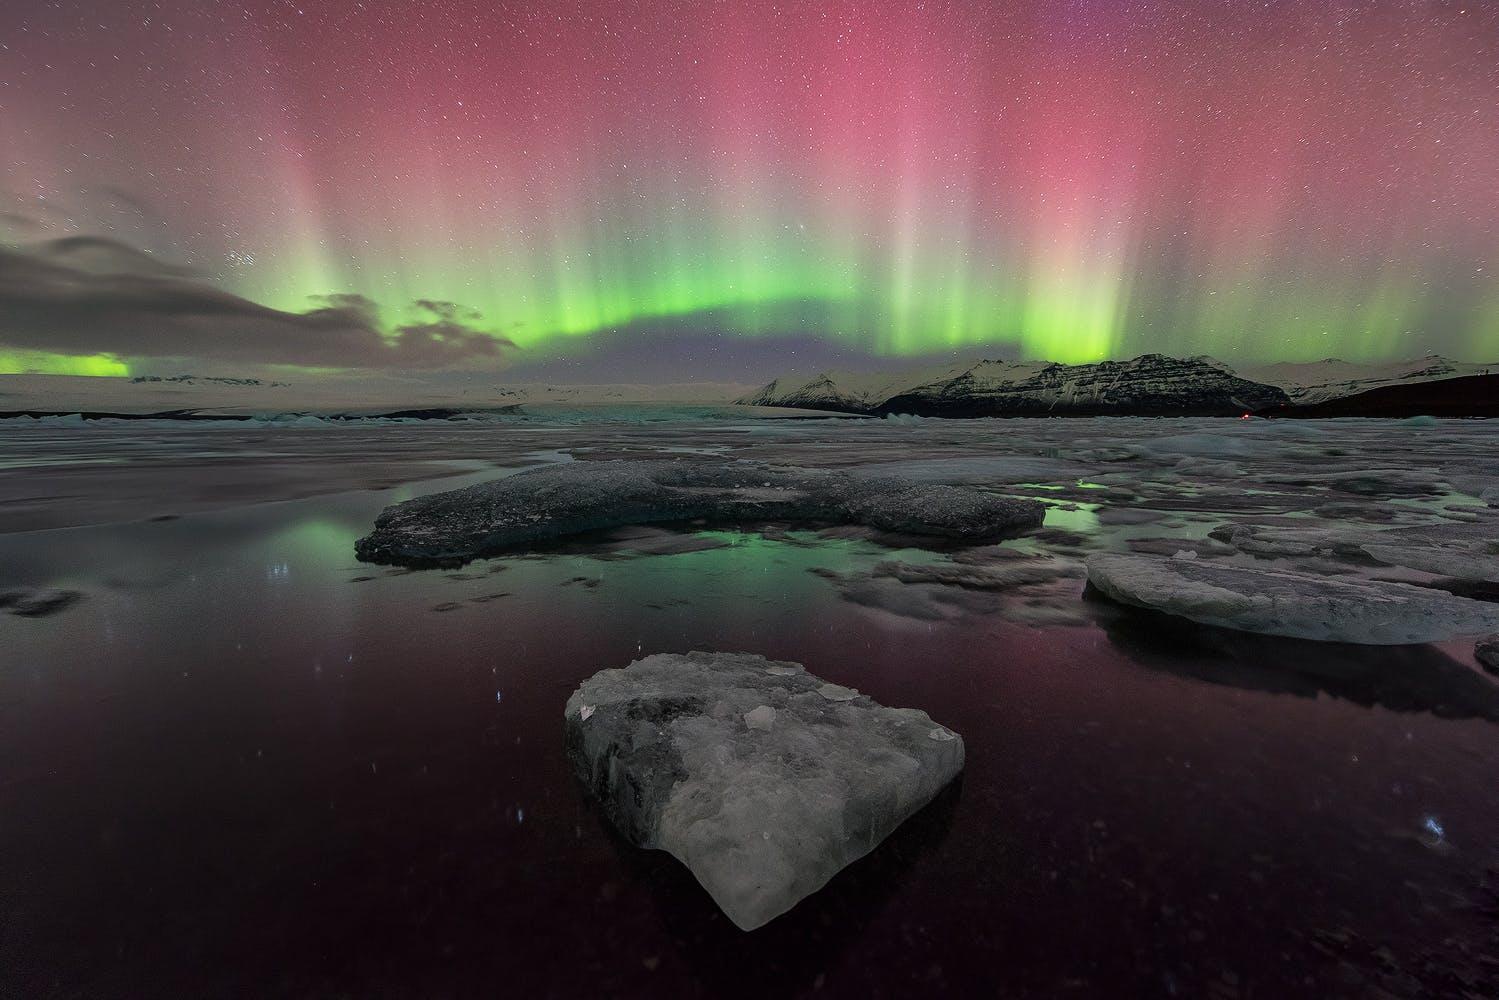 La lagune glaciaire de Jökulsárlón est le lac le plus profond d'Islande, mesurant 248 mètres de profondeur.